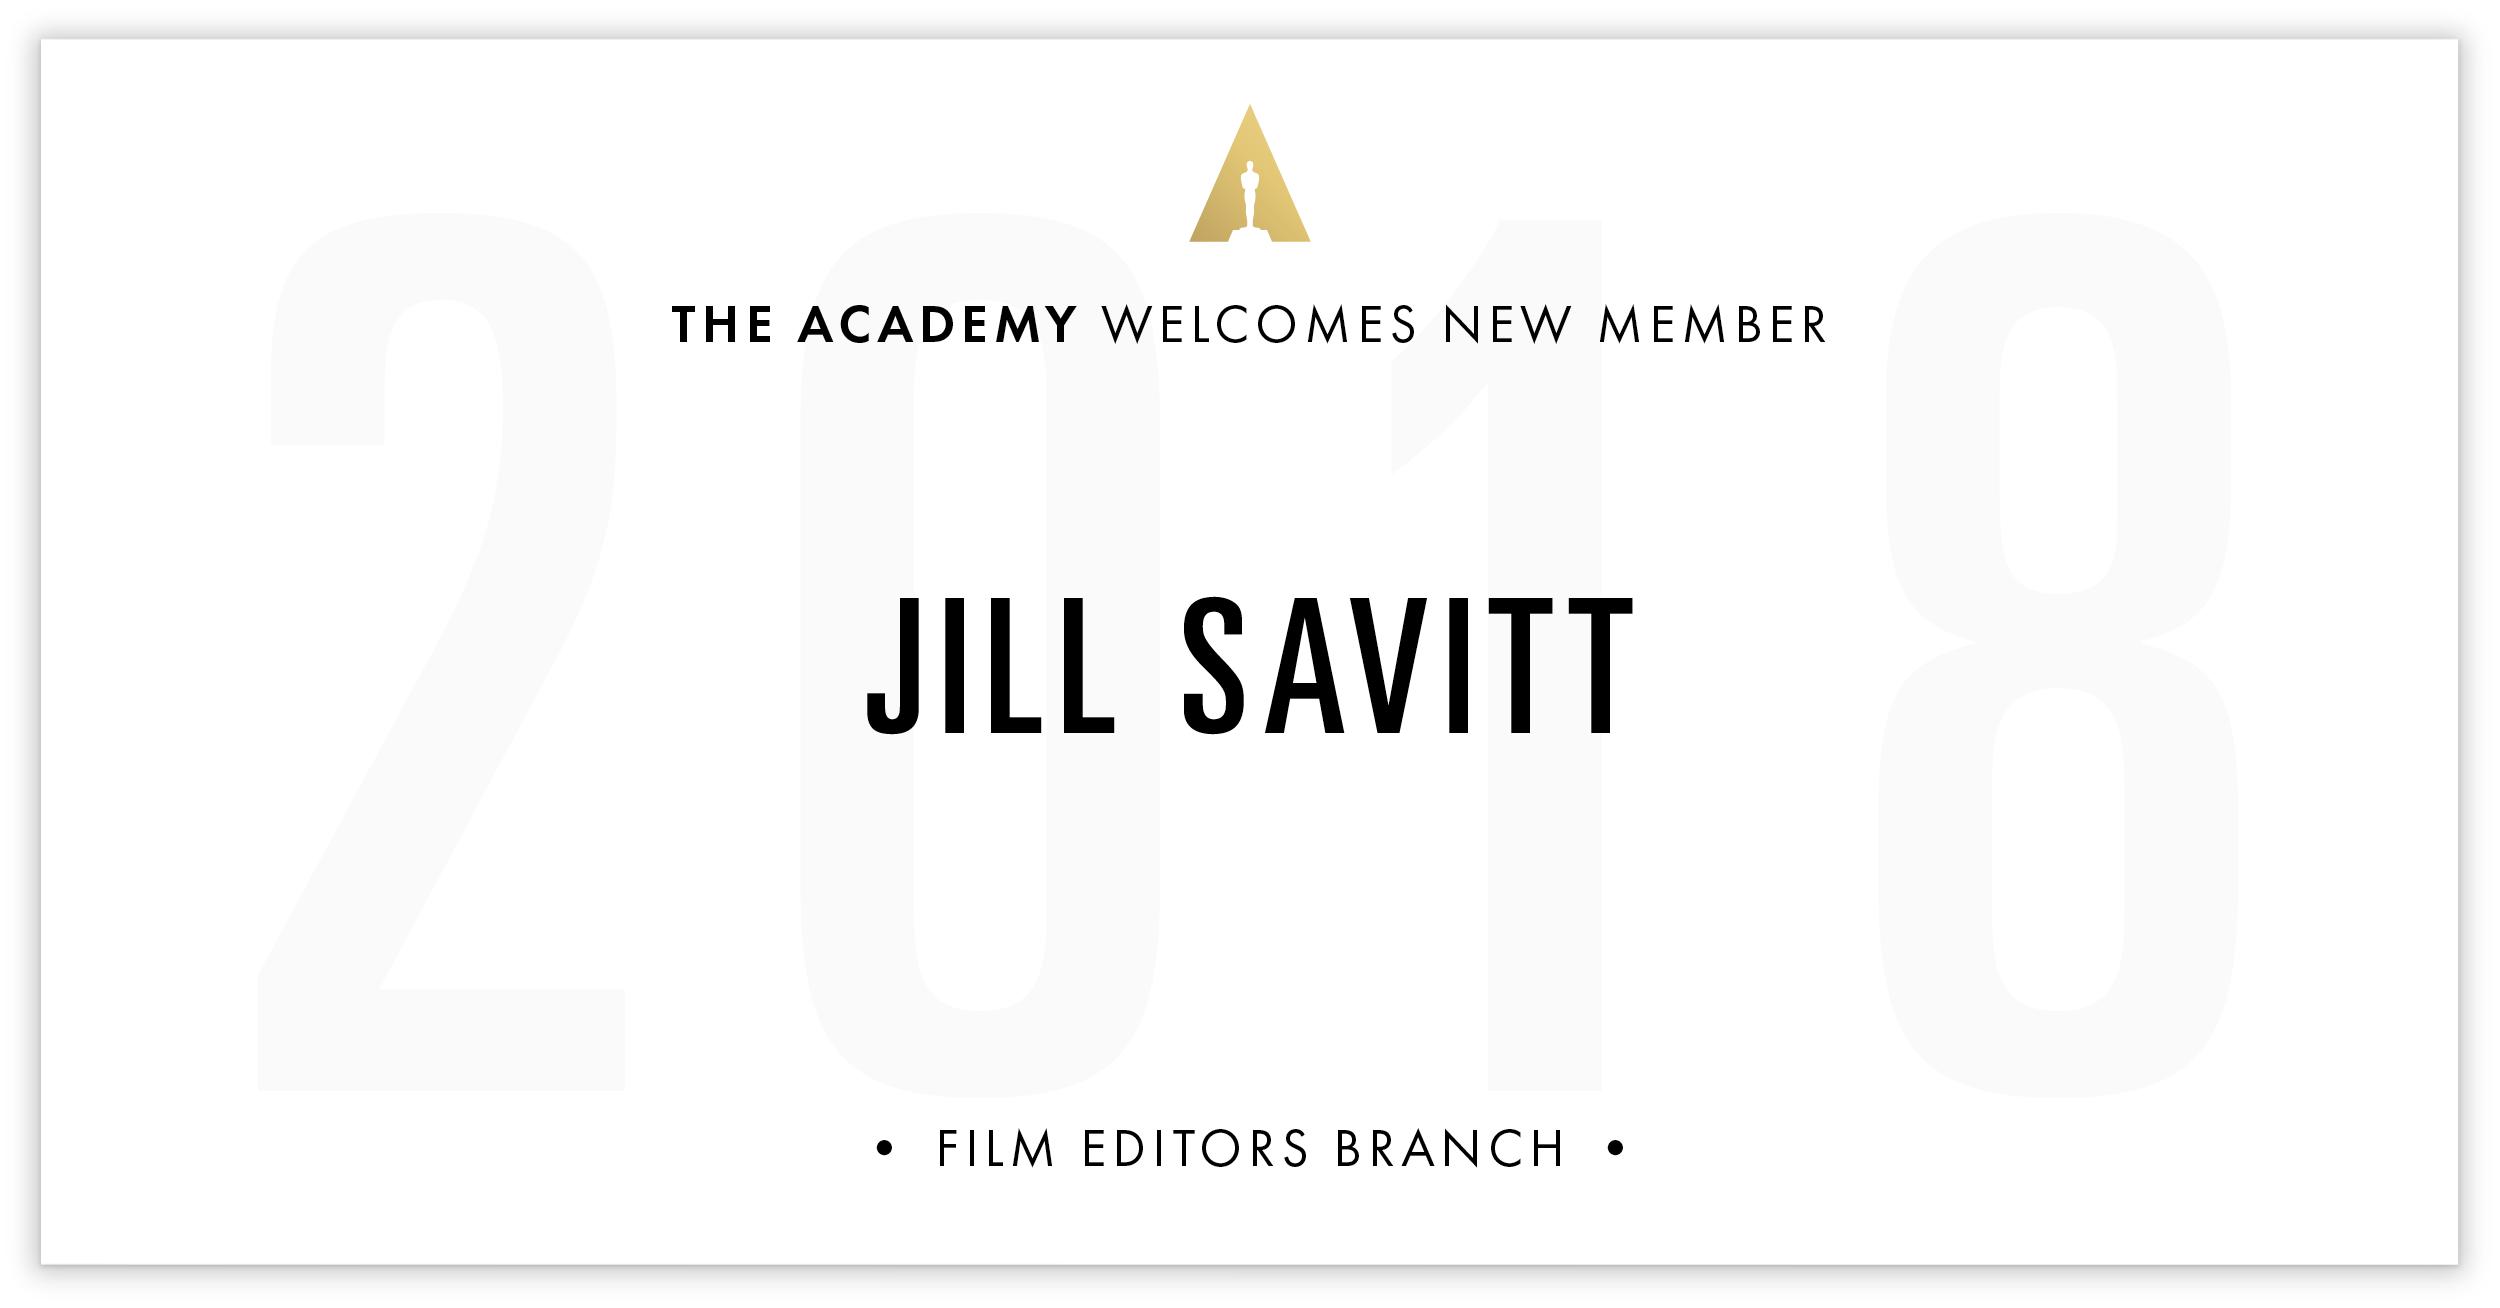 Jill Savitt is invited!